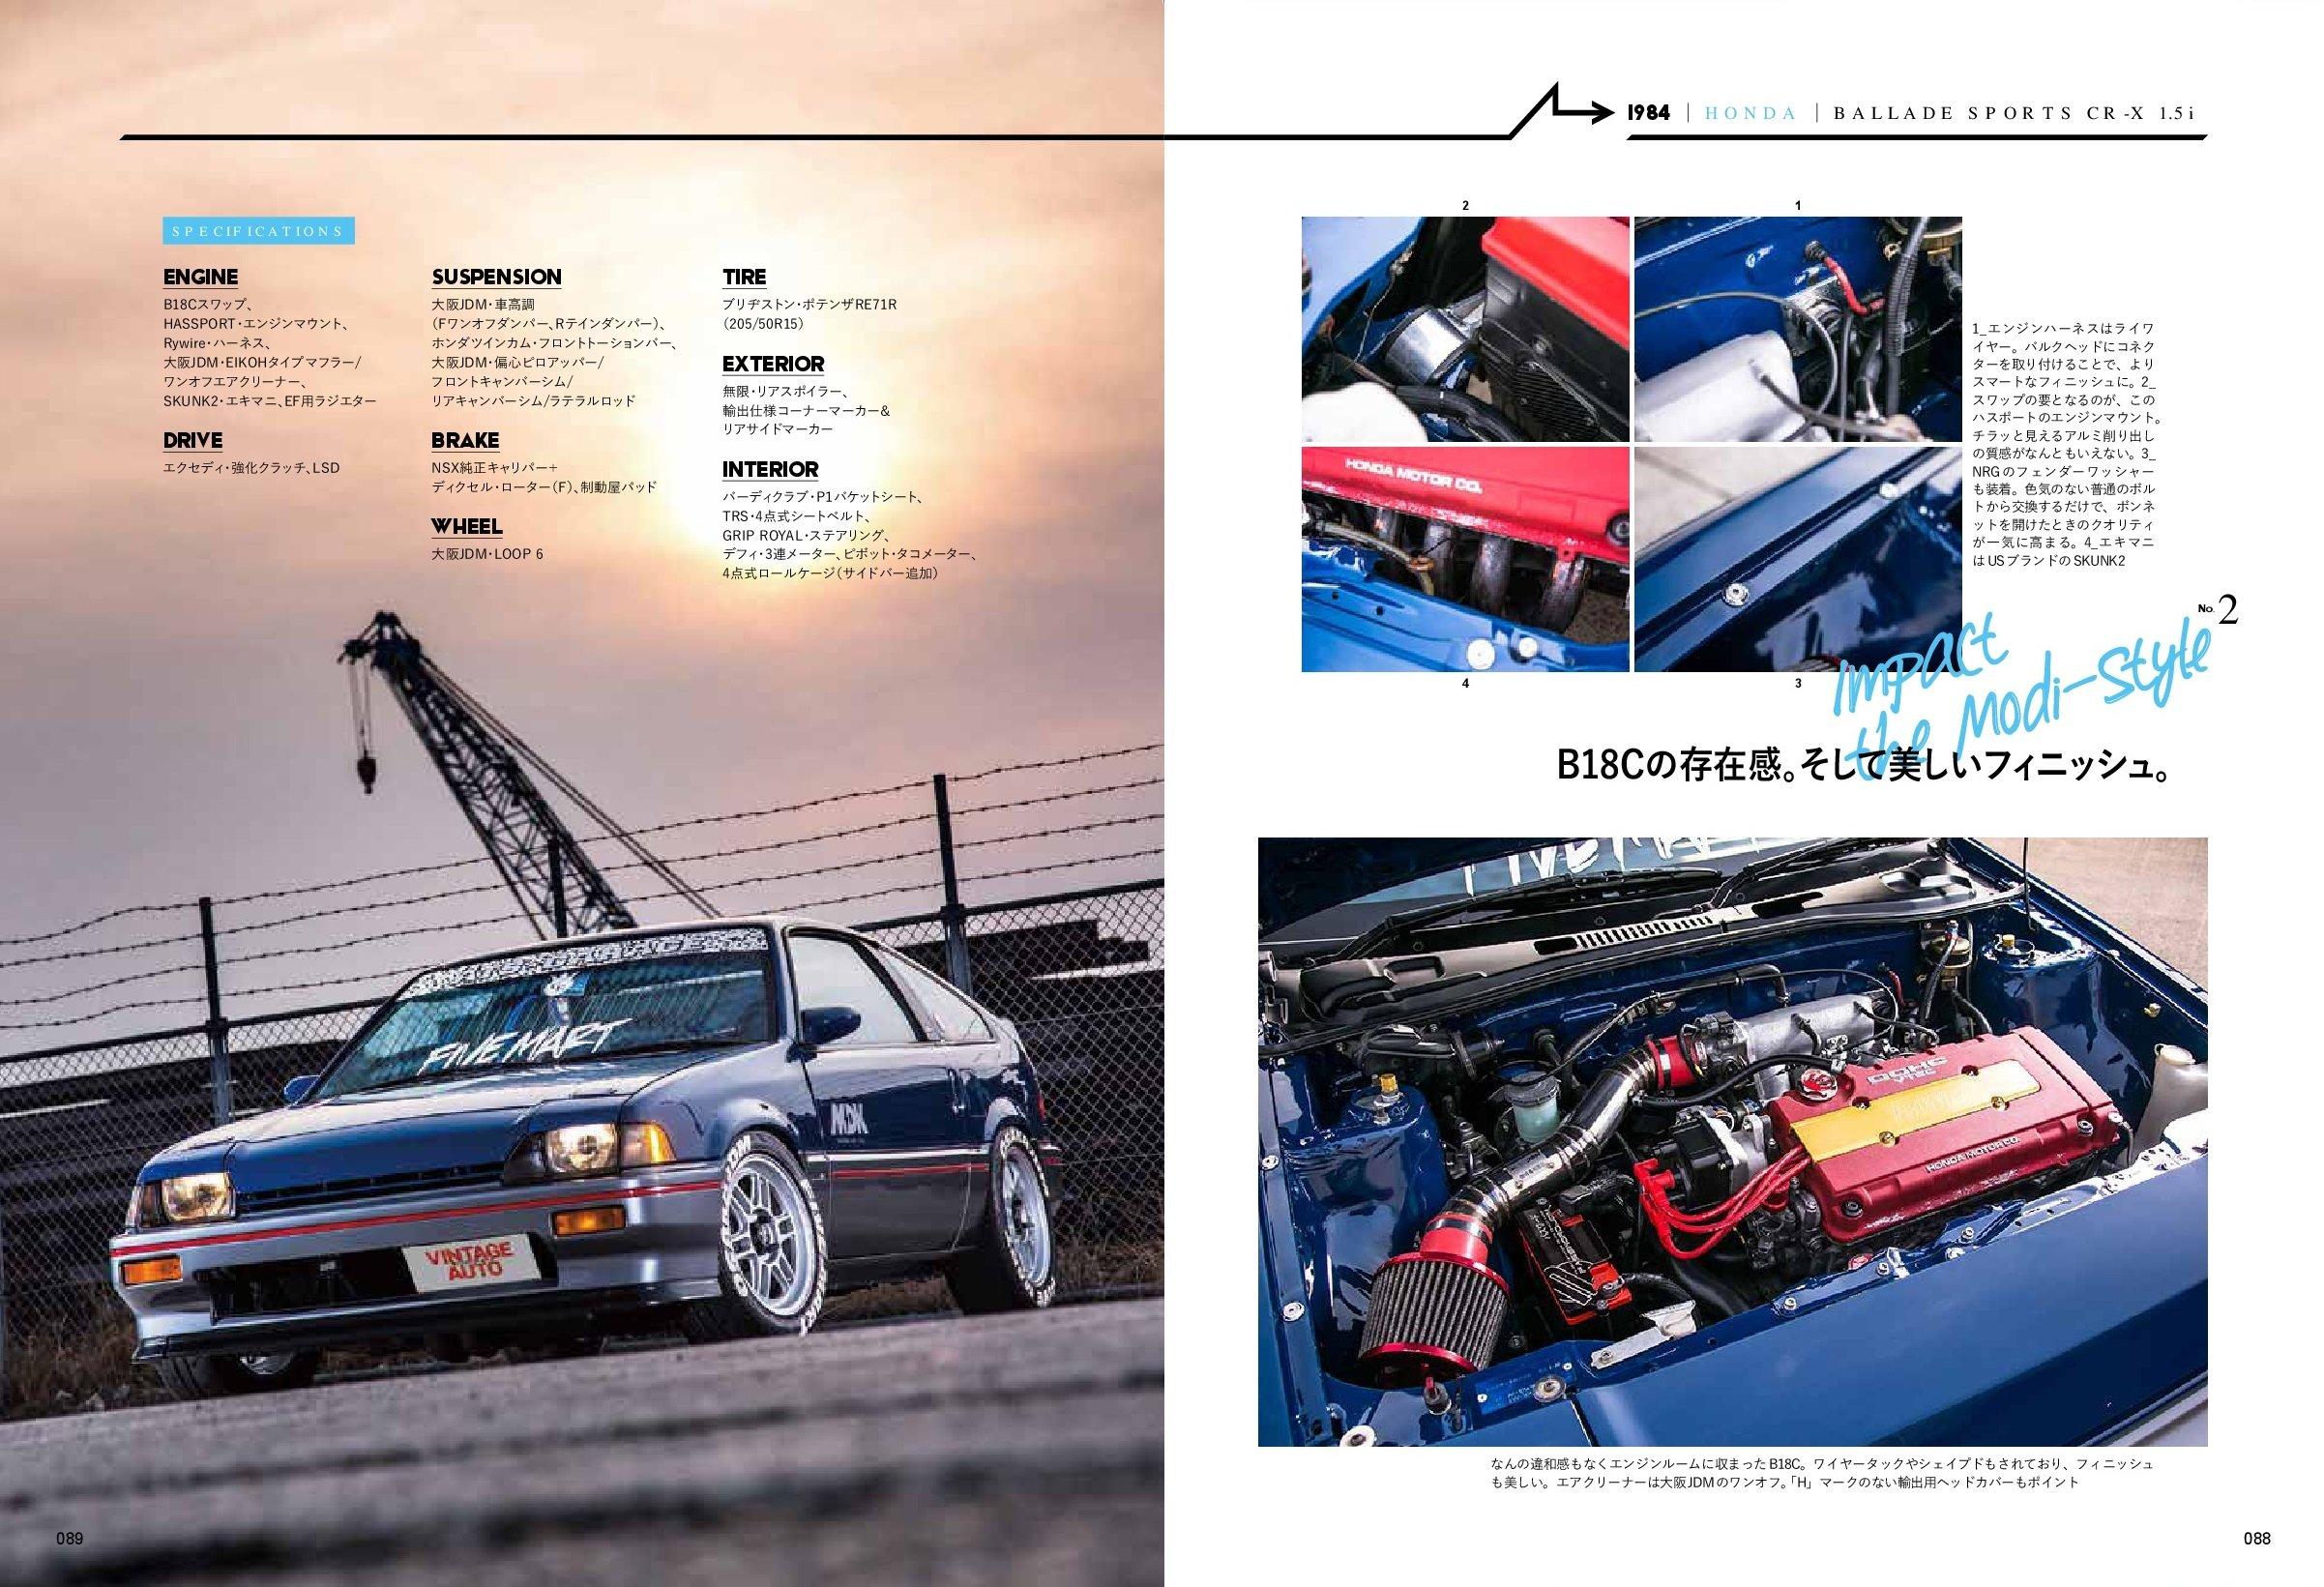 別冊Lightning Vol.169 VINTAGE AUTO 80s-90s (エイムック 3785 別冊Lightning vol. 169) ムック - 2017/7/24: 出版社: エイ出版社 (2017/7/24): 9784777947423: ...